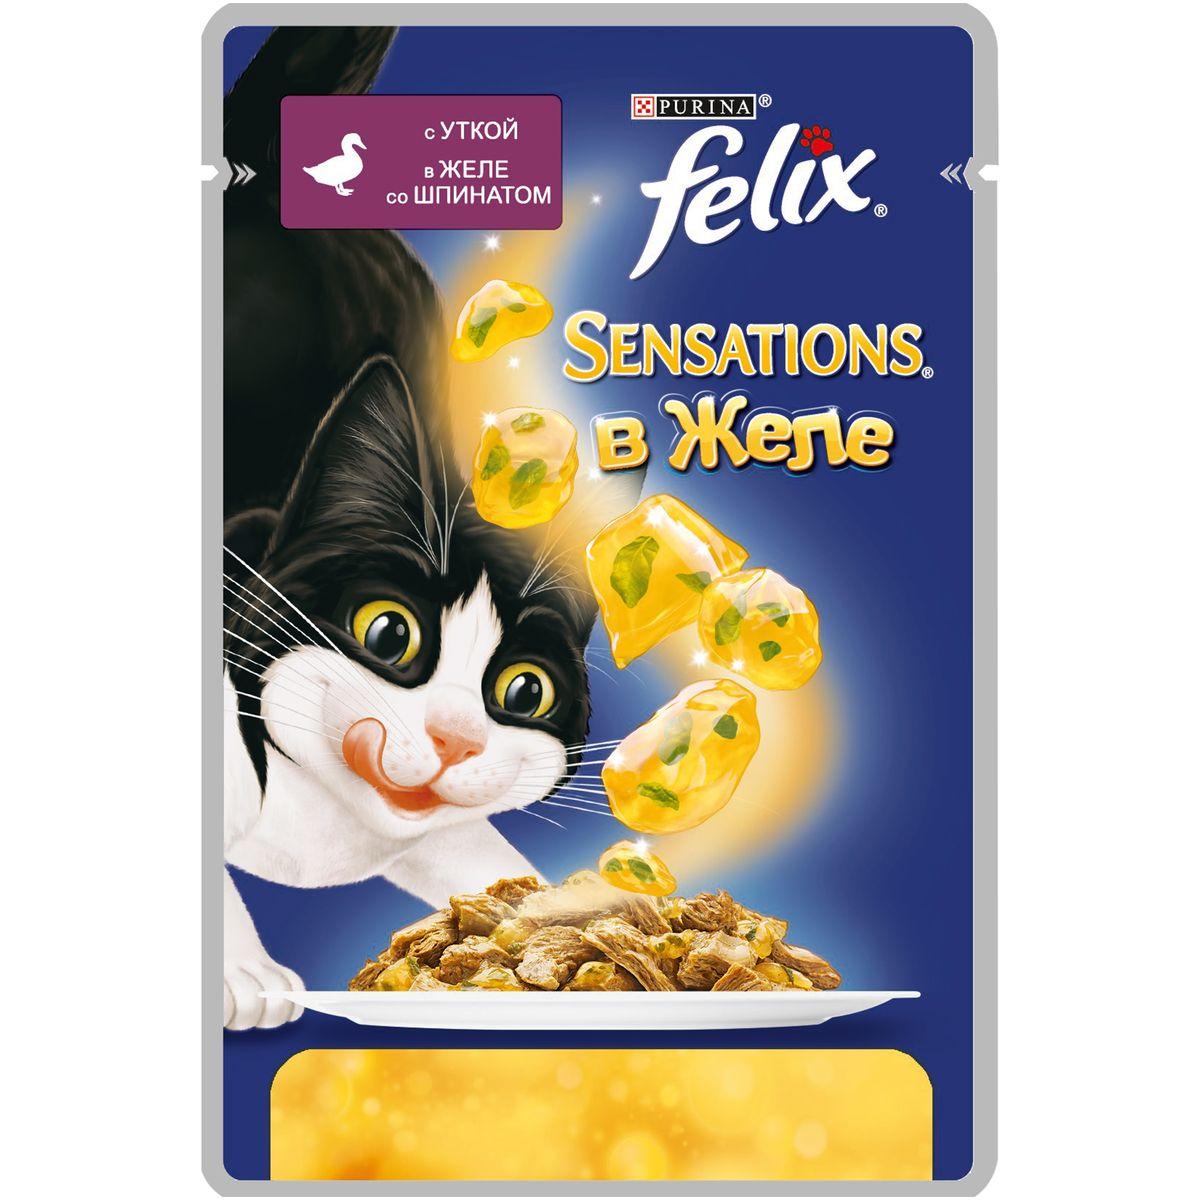 Консервы для кошек Felix Sensations, с уткой в желе со шпинатом, 85 г12232836Консервированный корм для кошек Felix с уткой в желе со шпинатом - полнорационный корм для взрослых кошек. Это нежные кусочки с мясом или рыбой, покрытые сочным желе с разными вкусами: томатов, моркови, шпината и других. Ароматные желе делают вкус корма особенно аппетитным и привлекательным для вашего питомца. Ваш кот будет есть такую вкуснятину хоть каждый день - на завтрак, обед и ужин. Рекомендации по кормлению: Для взрослой кошки среднего веса (4 кг) требуется примерно 3 пакетика в день. Кормление желательно разделить на два приема. Для беременных или кормящих кошек кормление без ограничений. Подавать корм при комнатной температуре. Следите, чтобы у вашей кошки всегда была чистая, свежая питьевая вода. Вес: 85 г. Состав: мясо и продукты переработки мяса (19%, из которых утка 4%), экстракт растительного белка, рыба и рыбные субпродукты, овощи (шпинат 4% в желе), минеральные вещества, сахара, витамины. Добавленные вещества:...